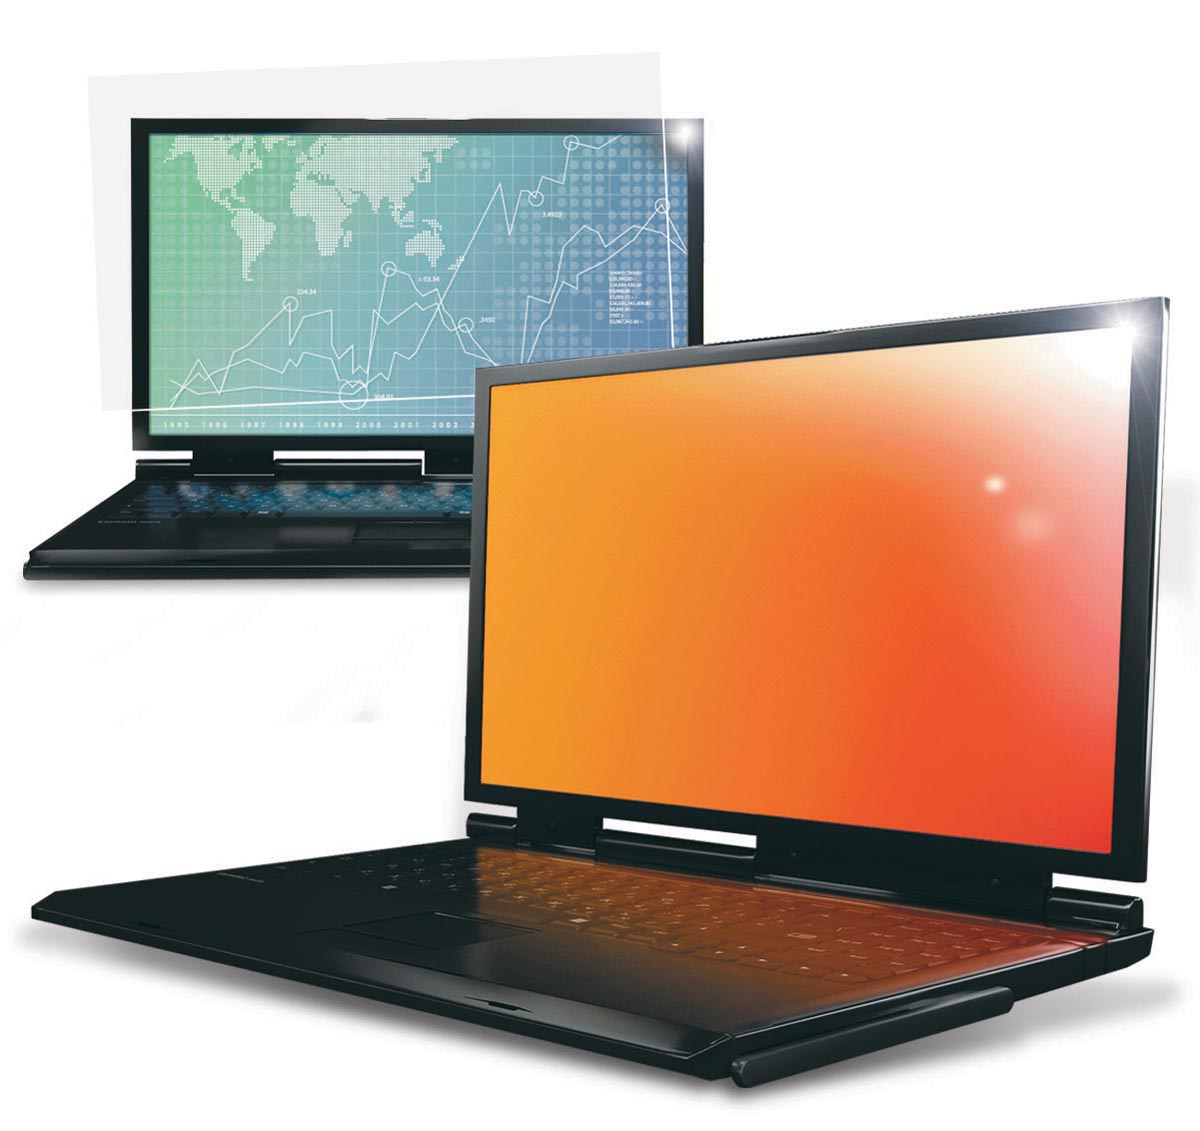 3M Gold privacy filter voor laptops van 17 inch, 16:10